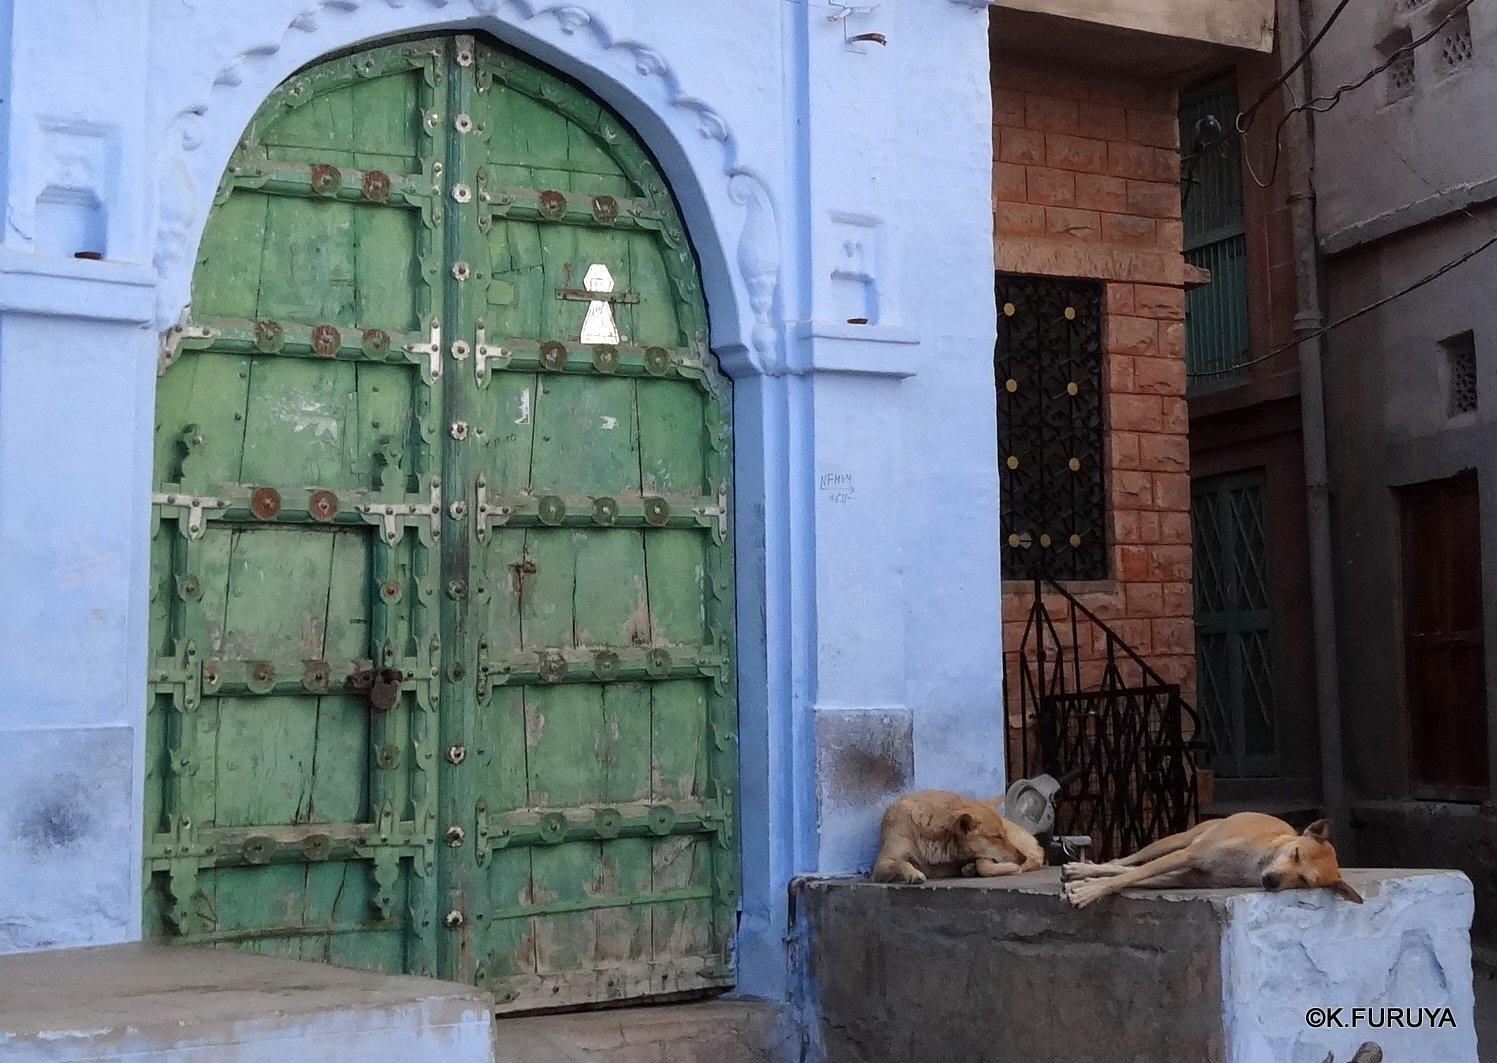 インド・ラジャスタンの旅 7 ブルーシティ_a0092659_18573390.jpg